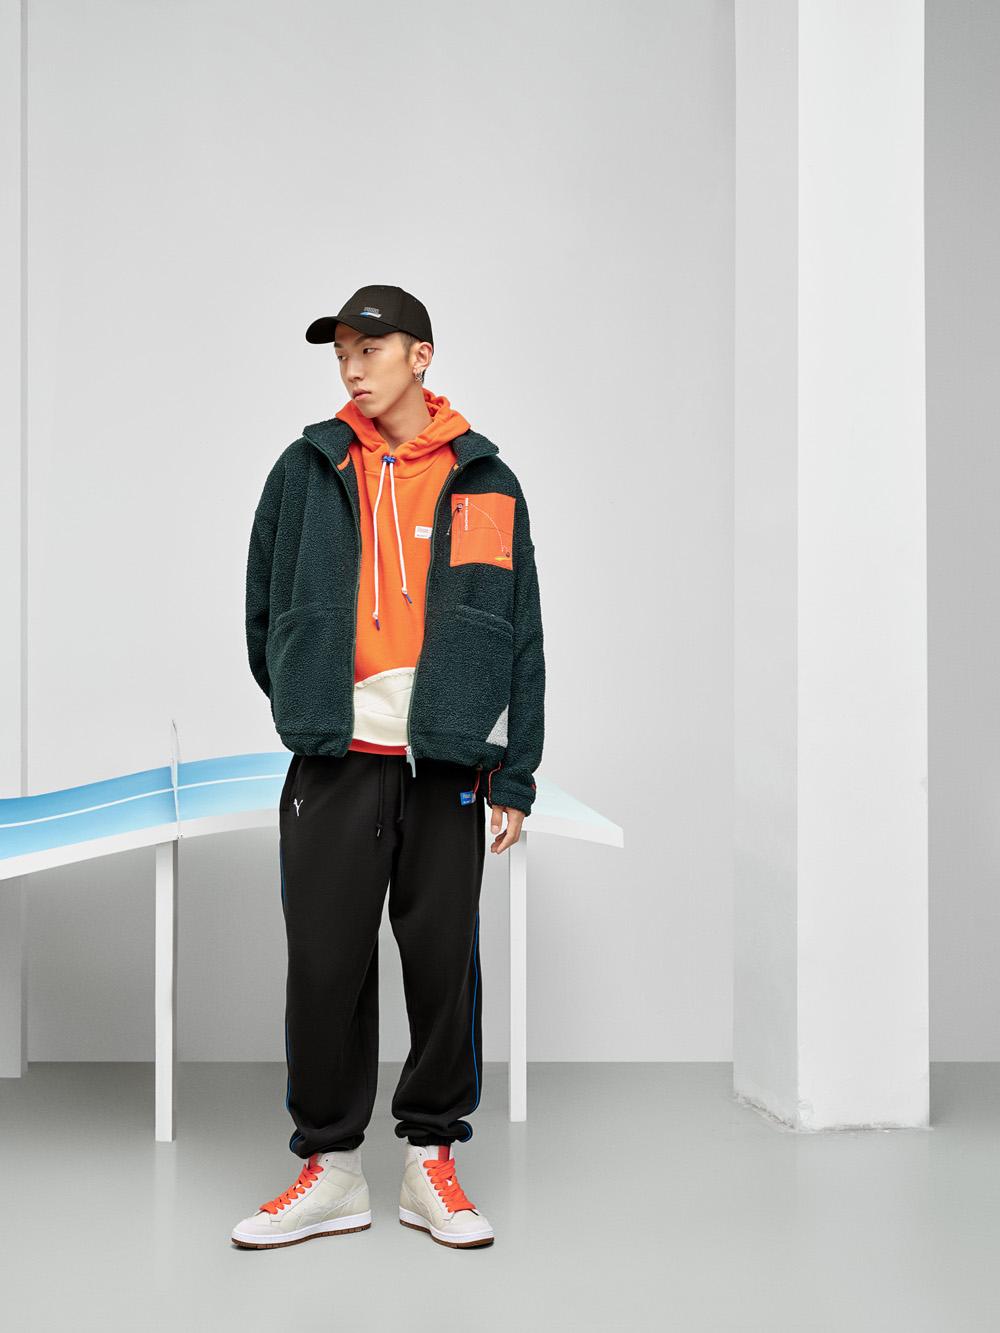 PUMA,ROARINGWILD,发售  王嘉尔和无数明星都穿过的中国潮牌!新联名帅到我了!刚刚发售!